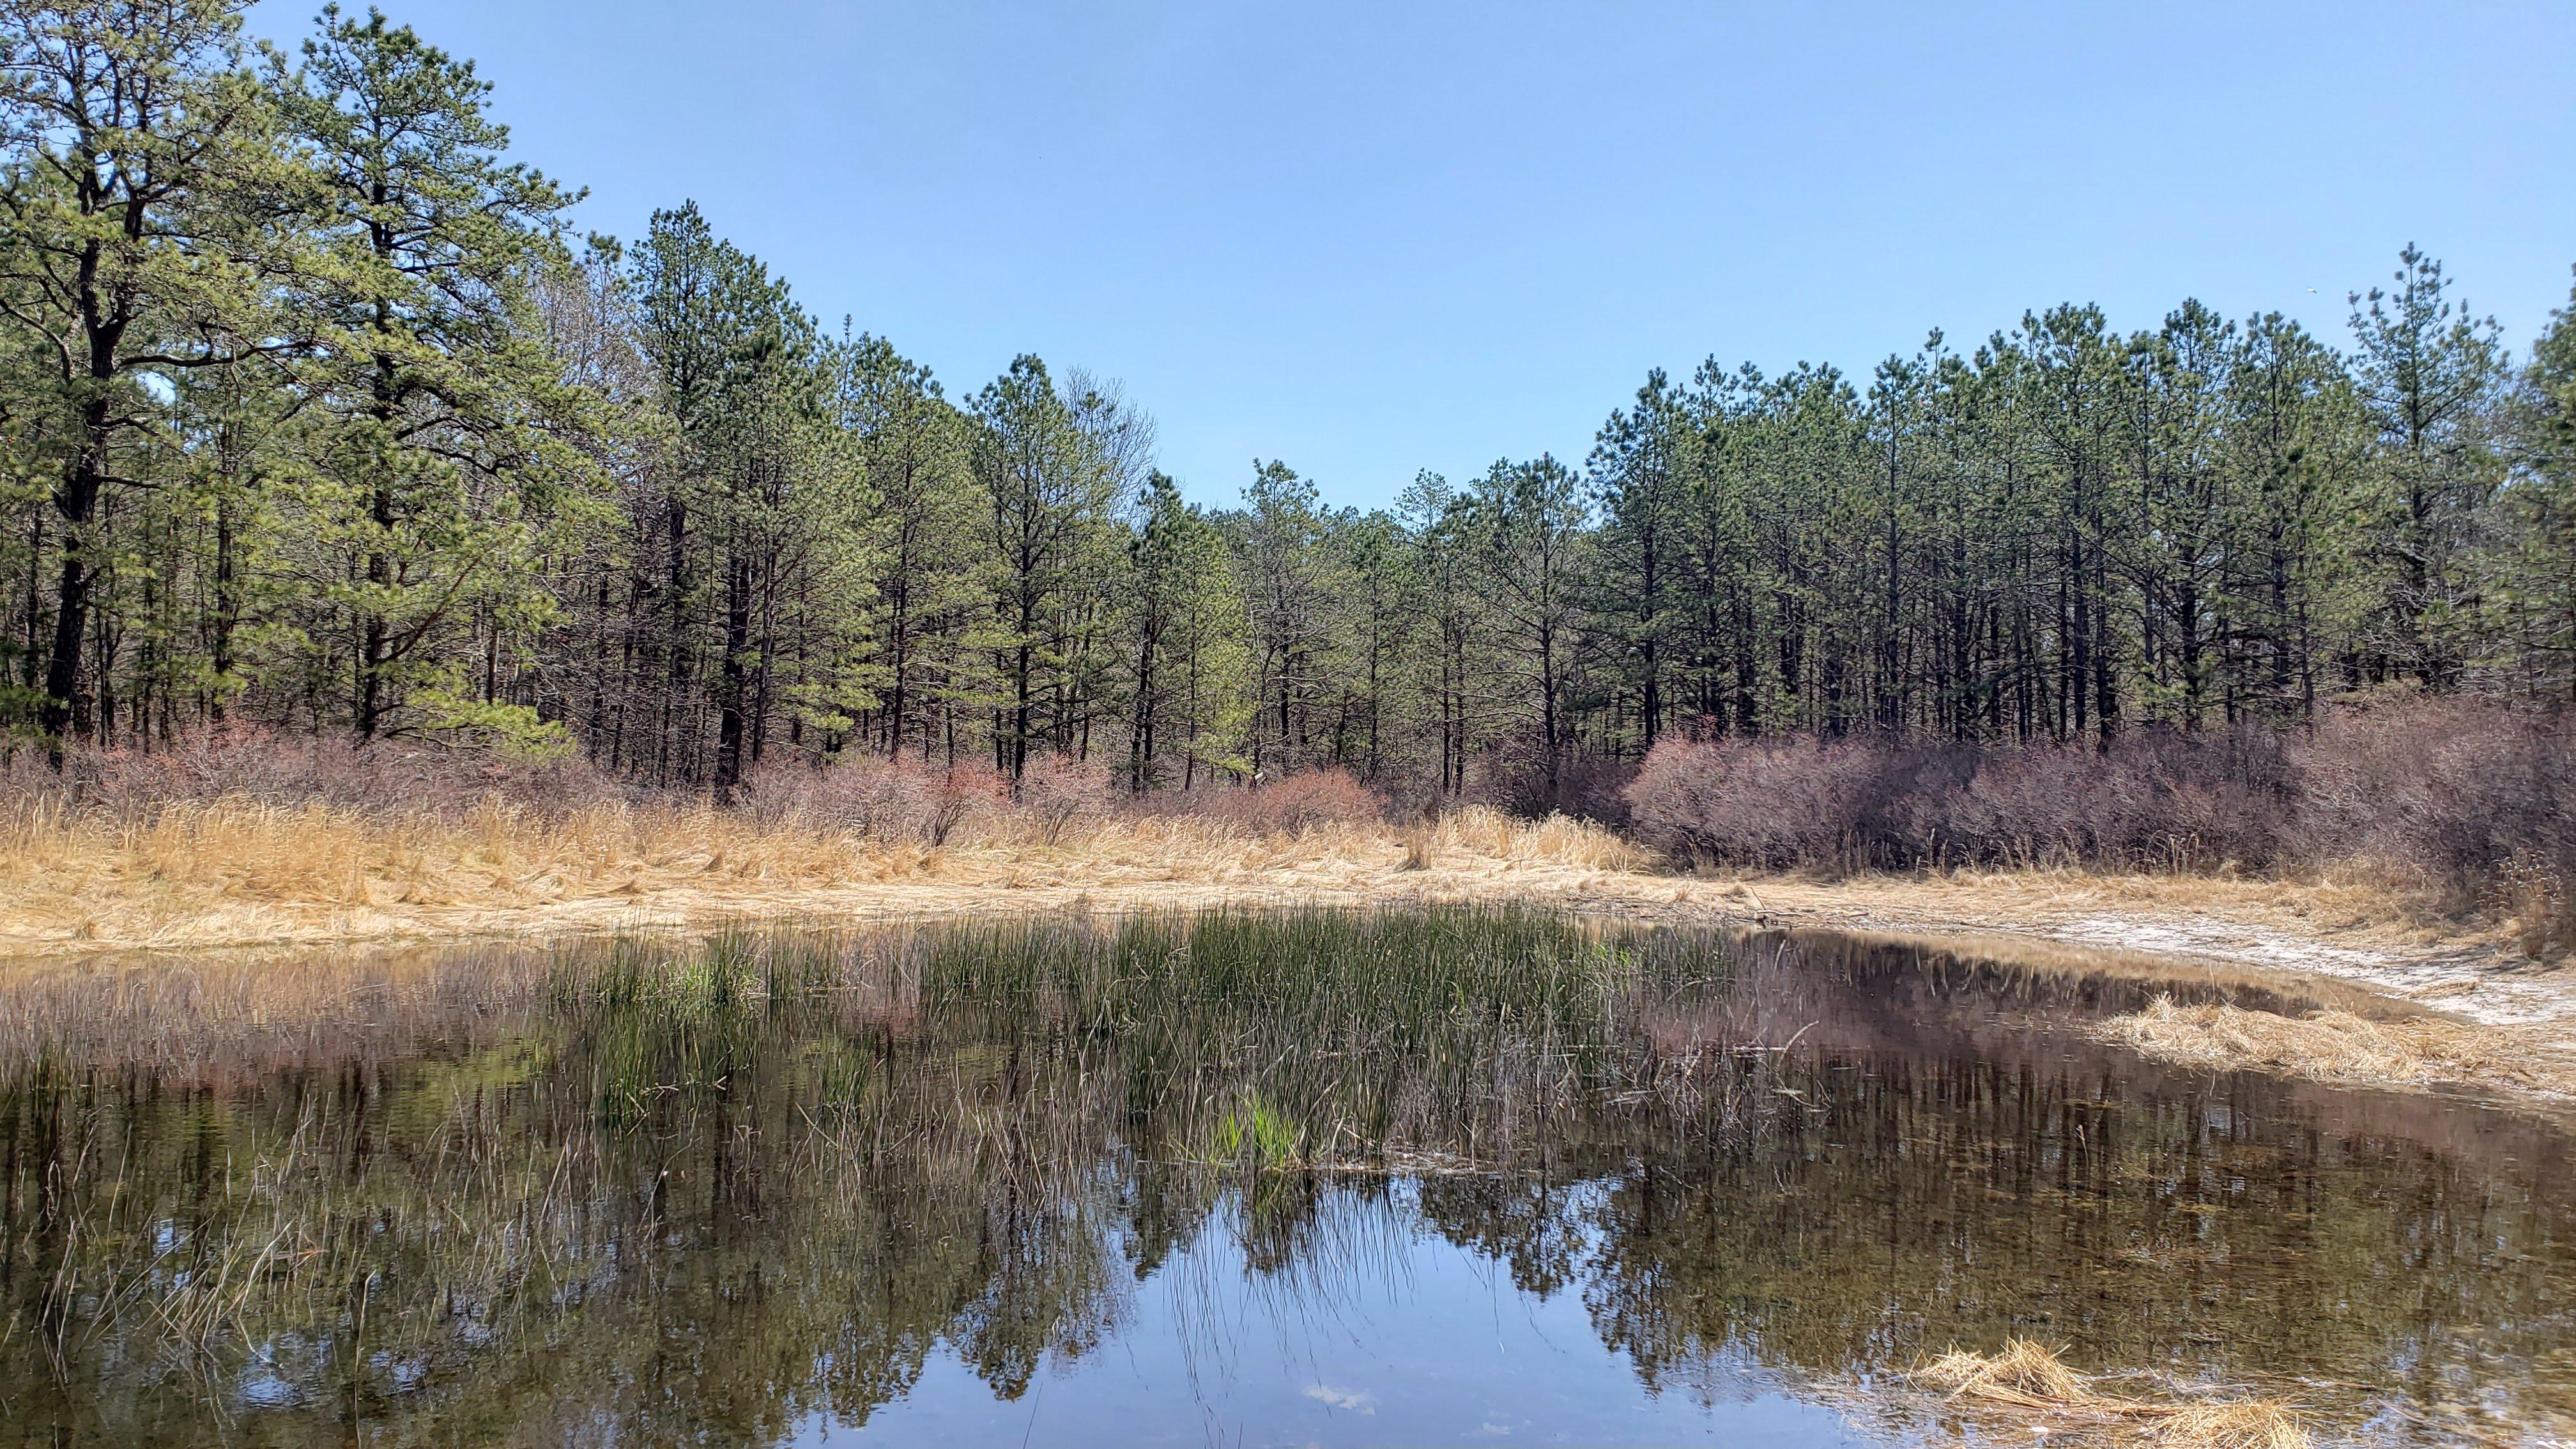 Pond shore of a coastal plain pond